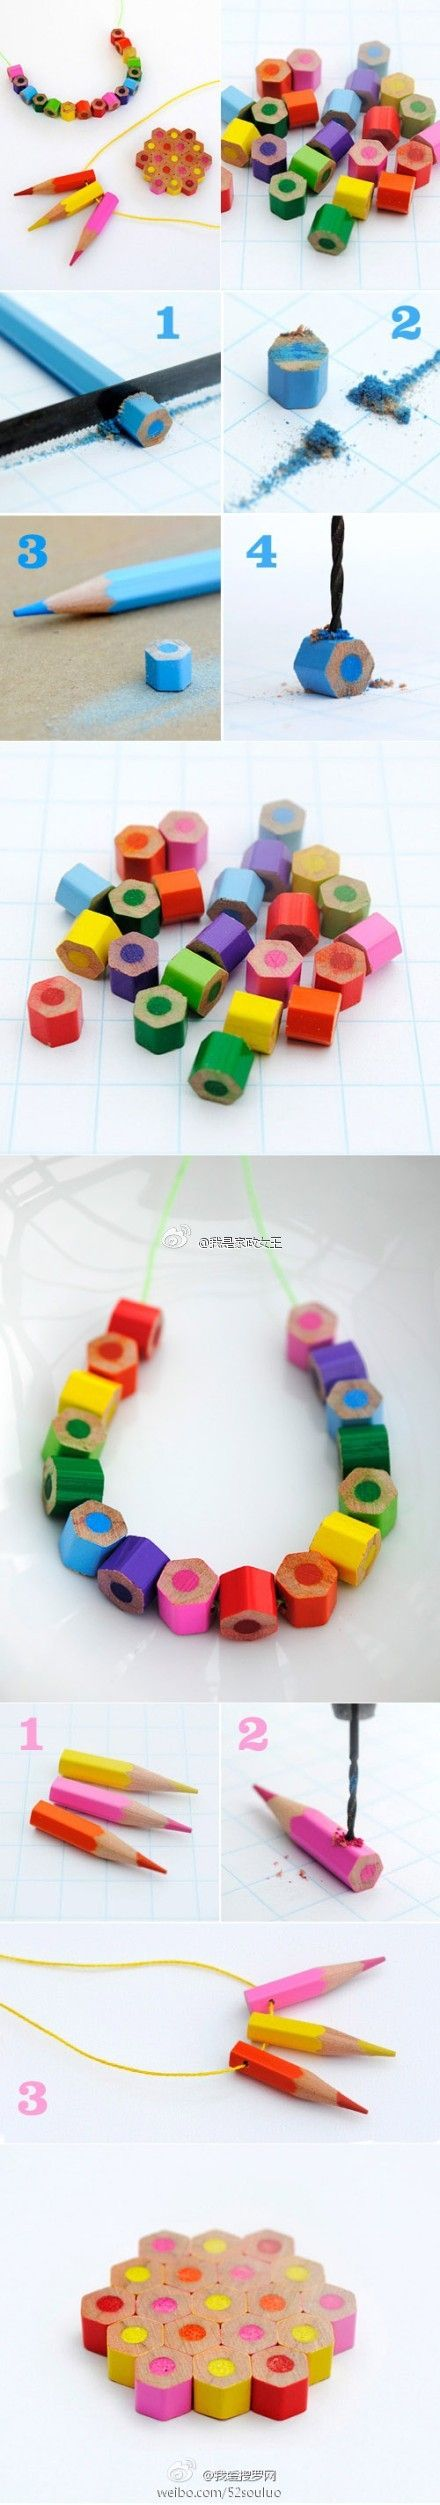 Pensils necklace / potloden hanger ketting